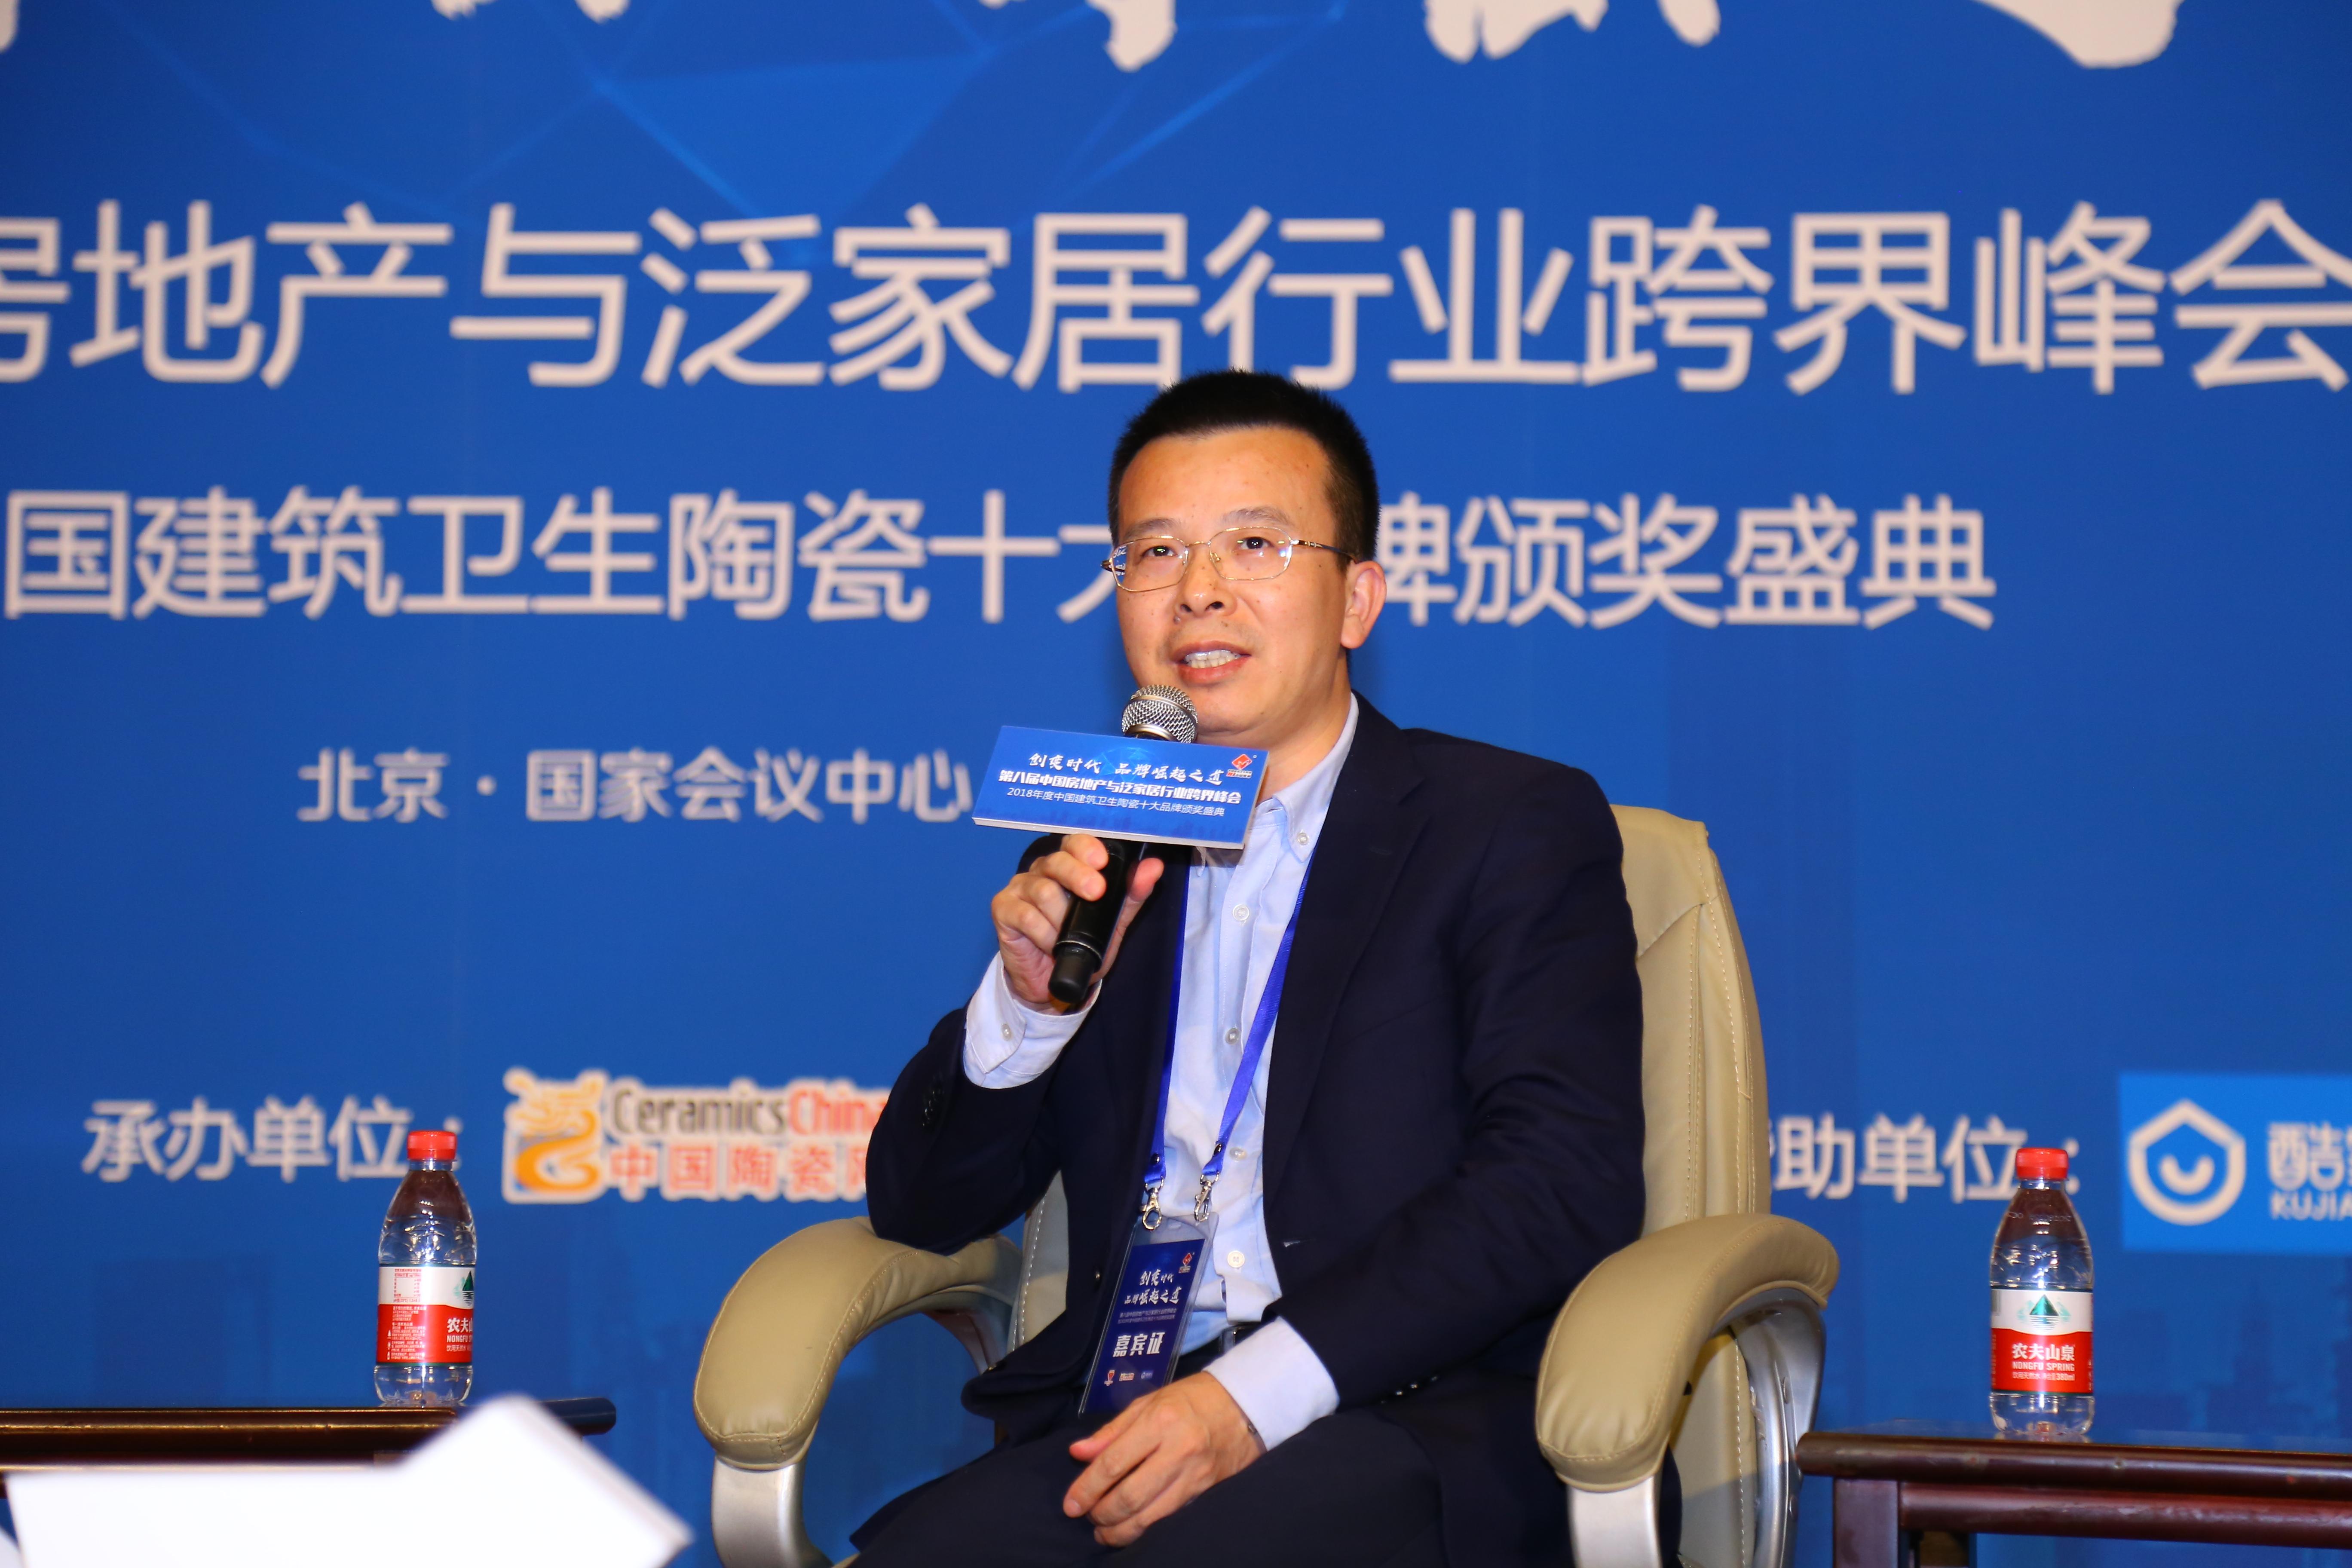 东鹏总裁龚志云:品牌要用匠心精神去打造,不是靠广告